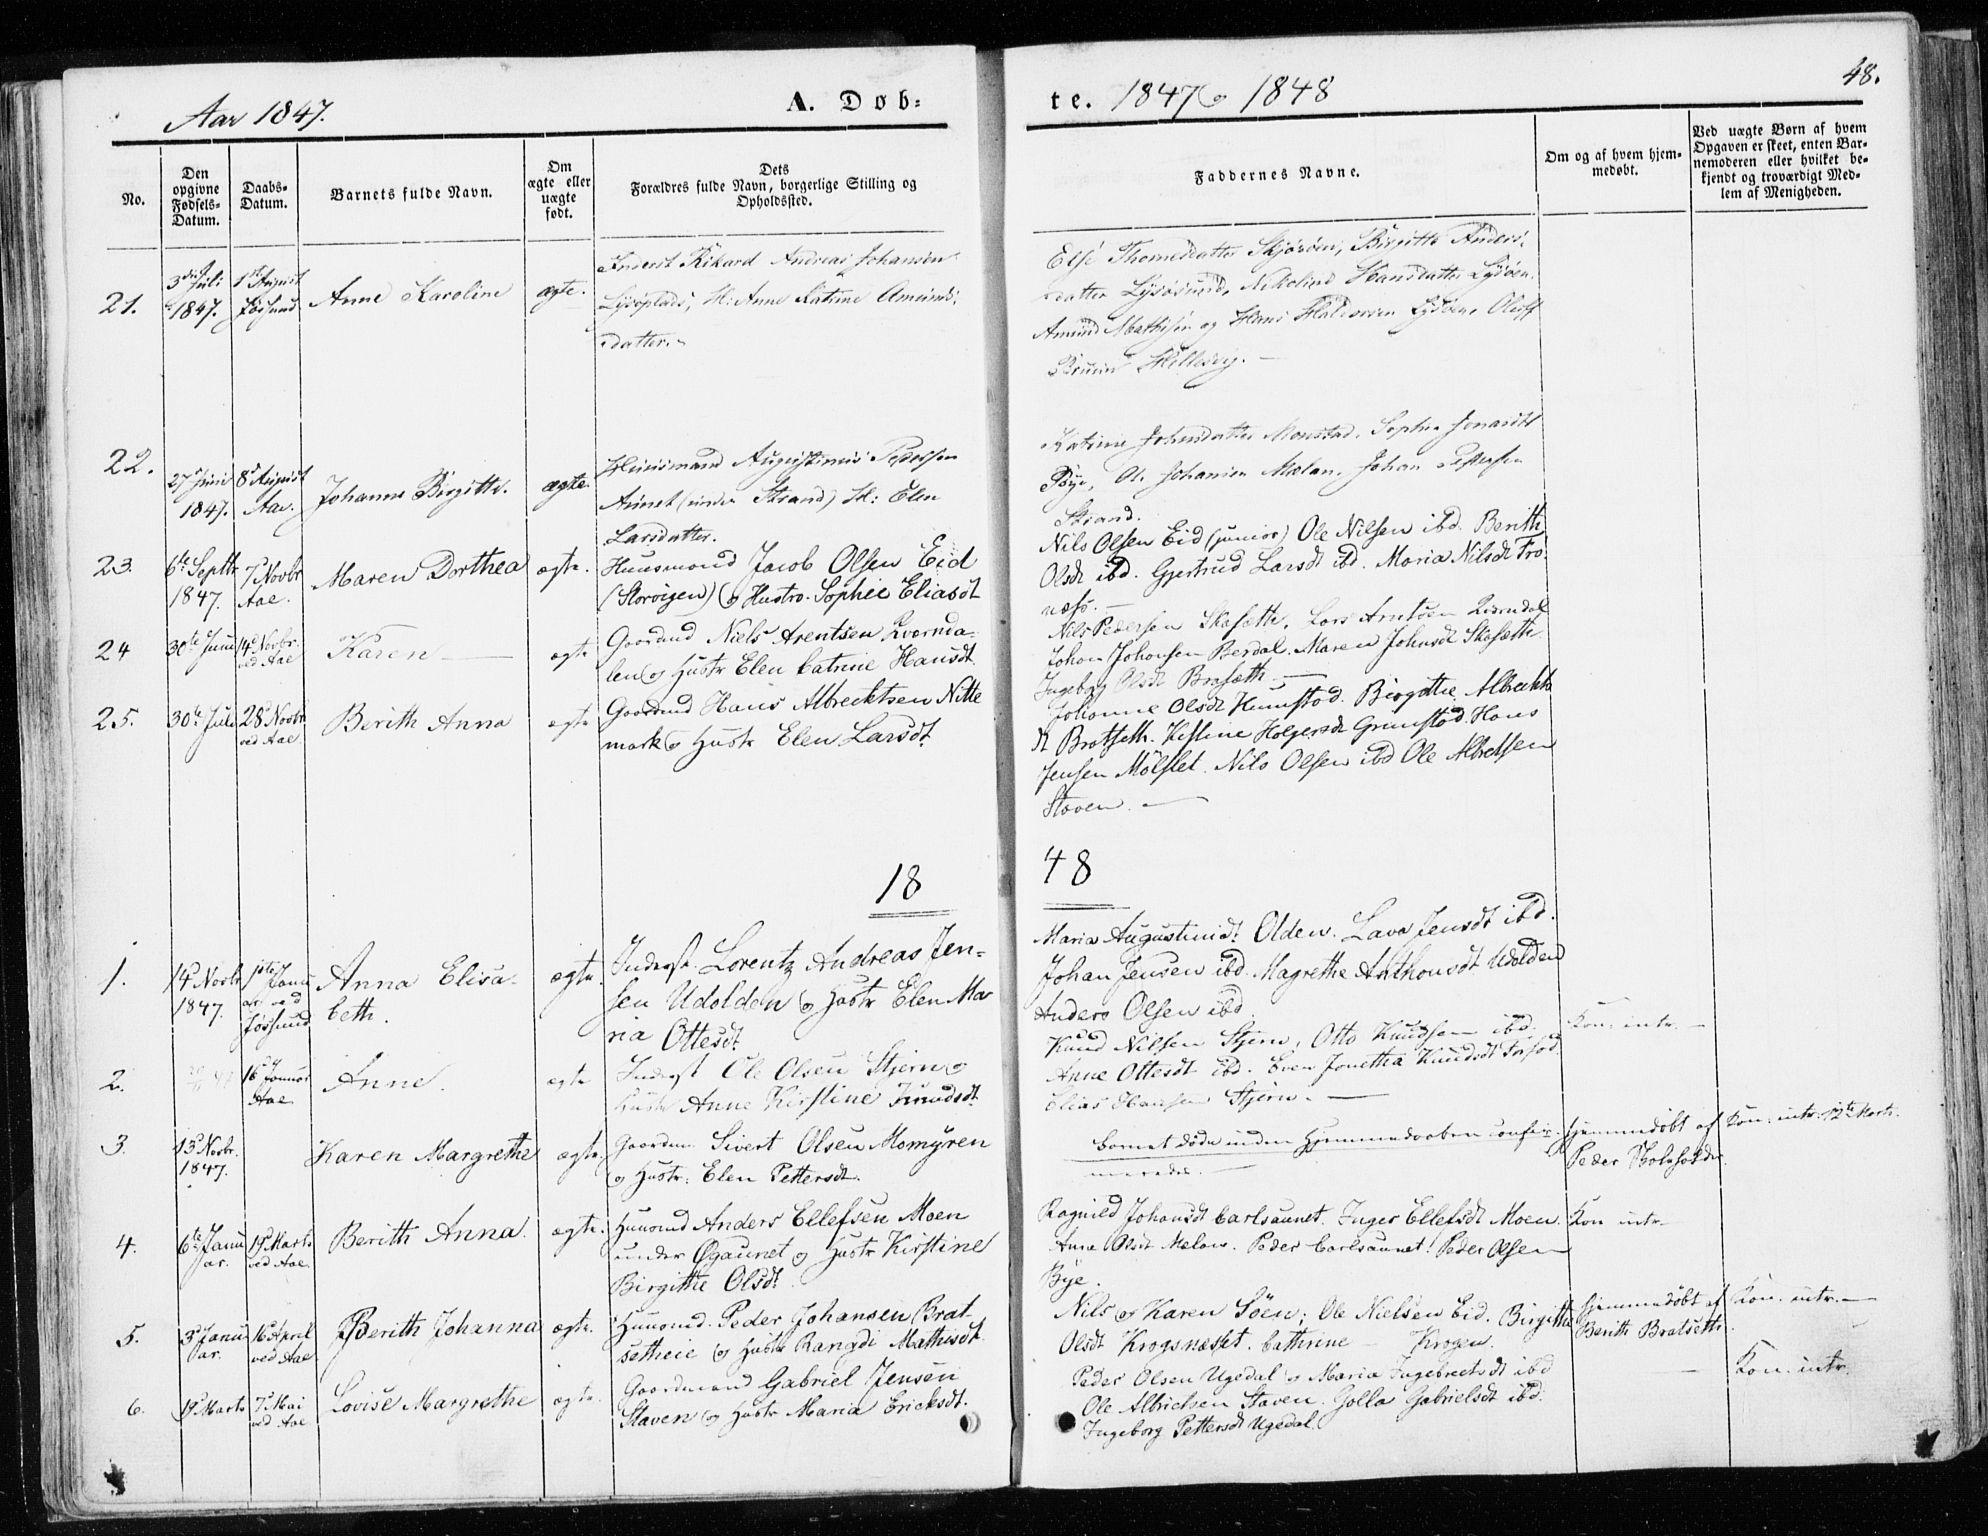 SAT, Ministerialprotokoller, klokkerbøker og fødselsregistre - Sør-Trøndelag, 655/L0677: Ministerialbok nr. 655A06, 1847-1860, s. 48